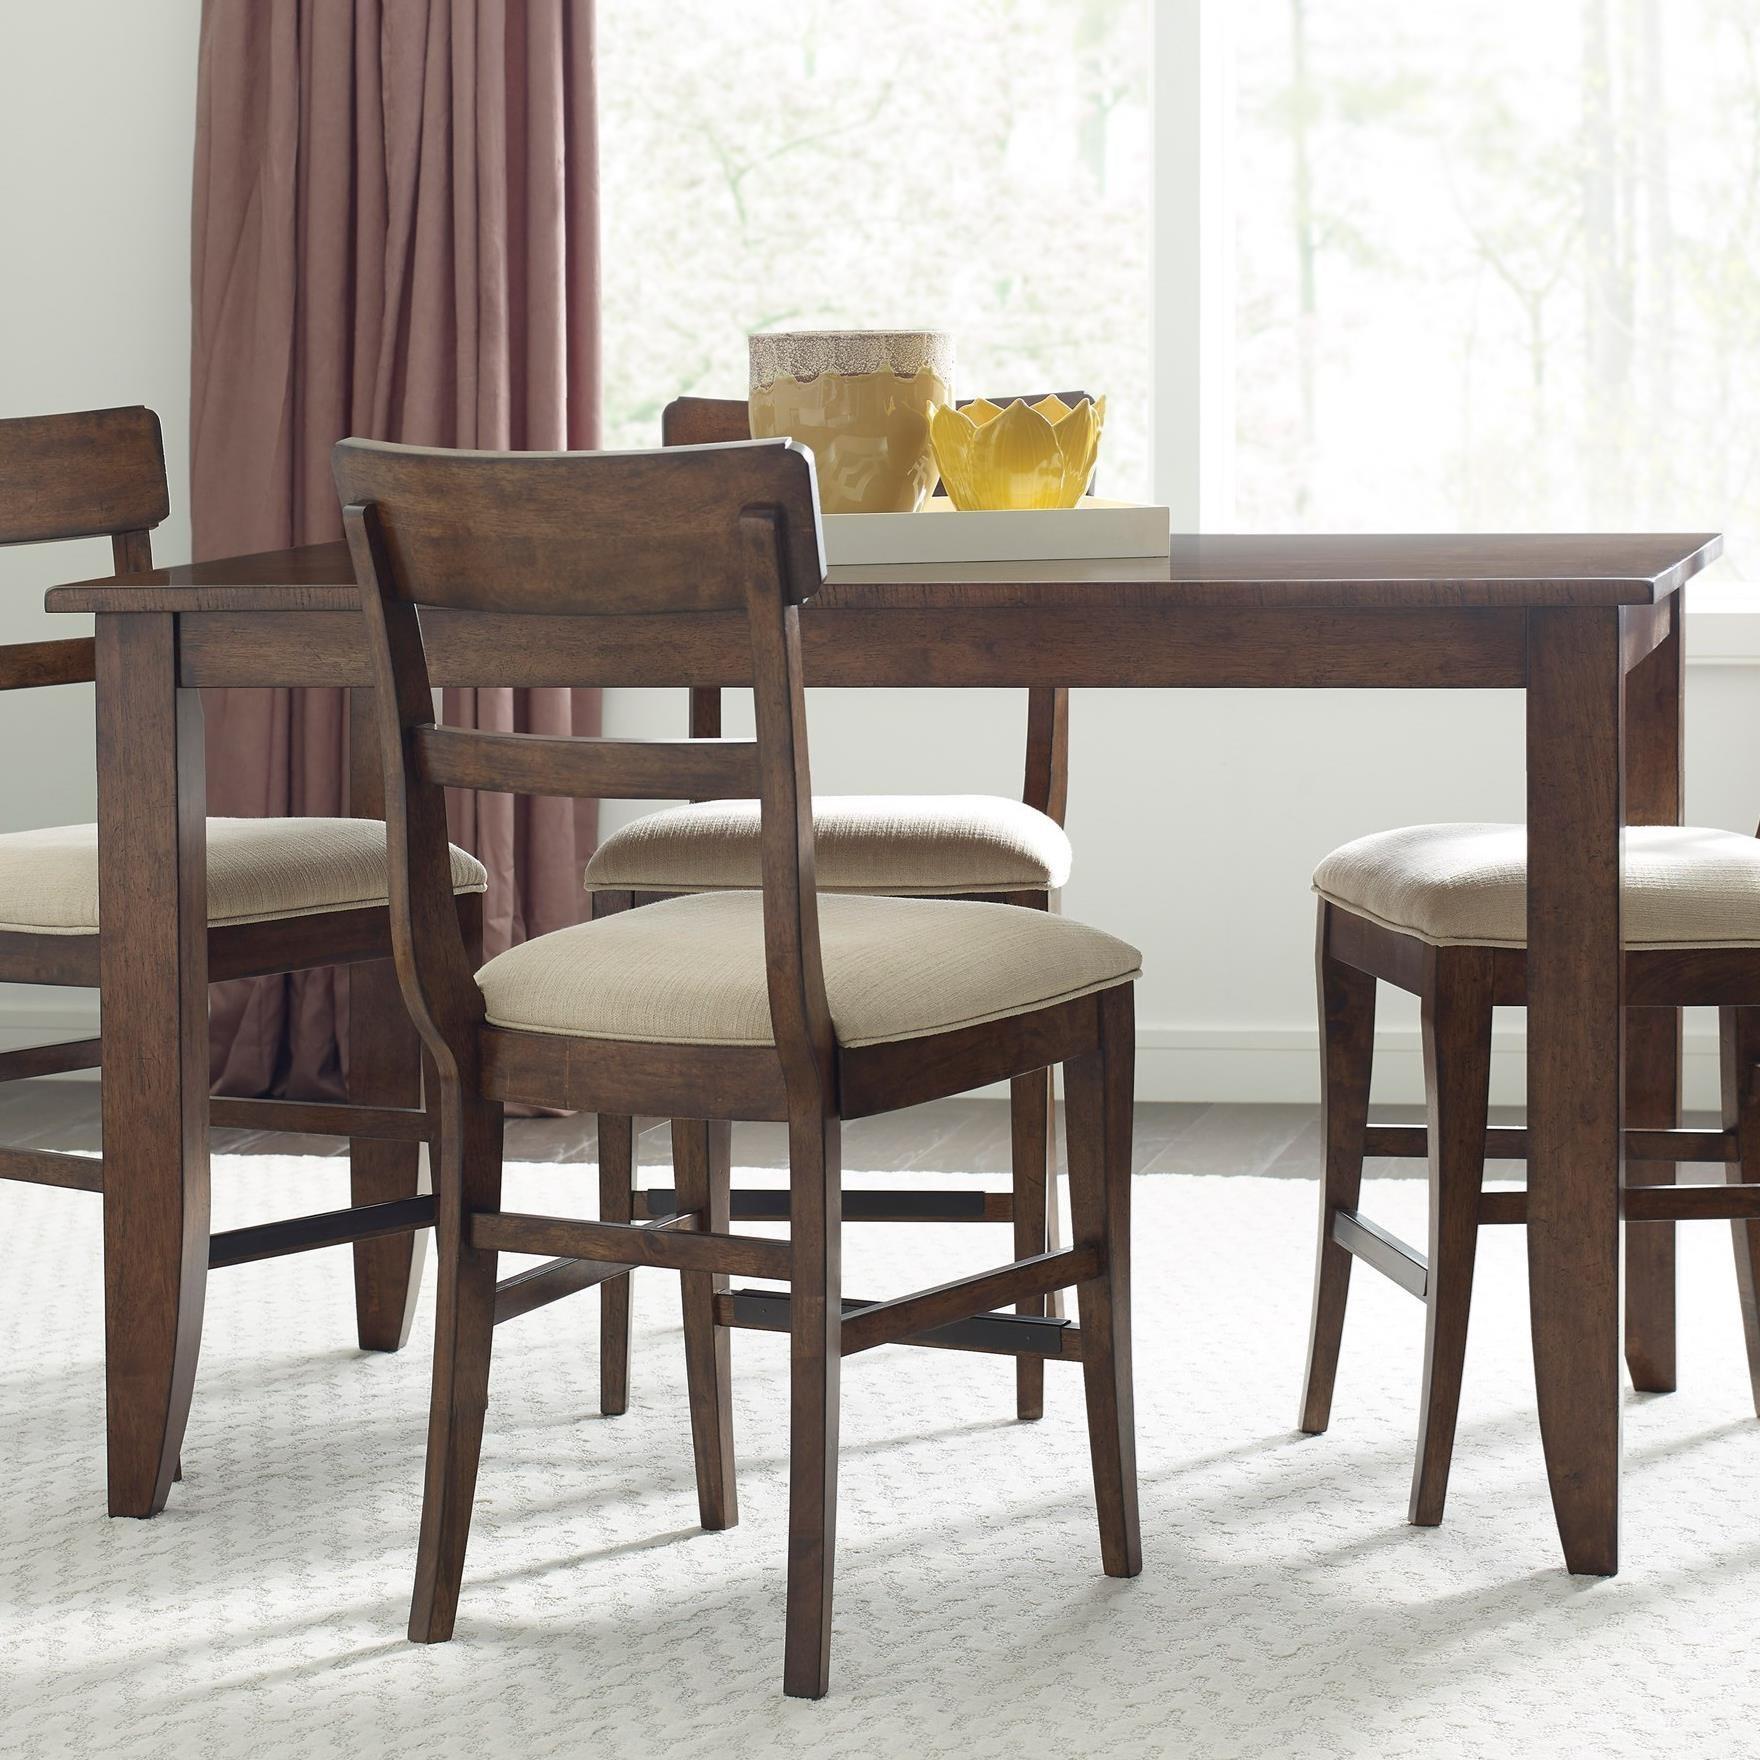 https://images.furnituredealer.net/img/products%2Fkincaid_furniture%2Fcolor%2Fthe%20nook_664-762-b1.jpg